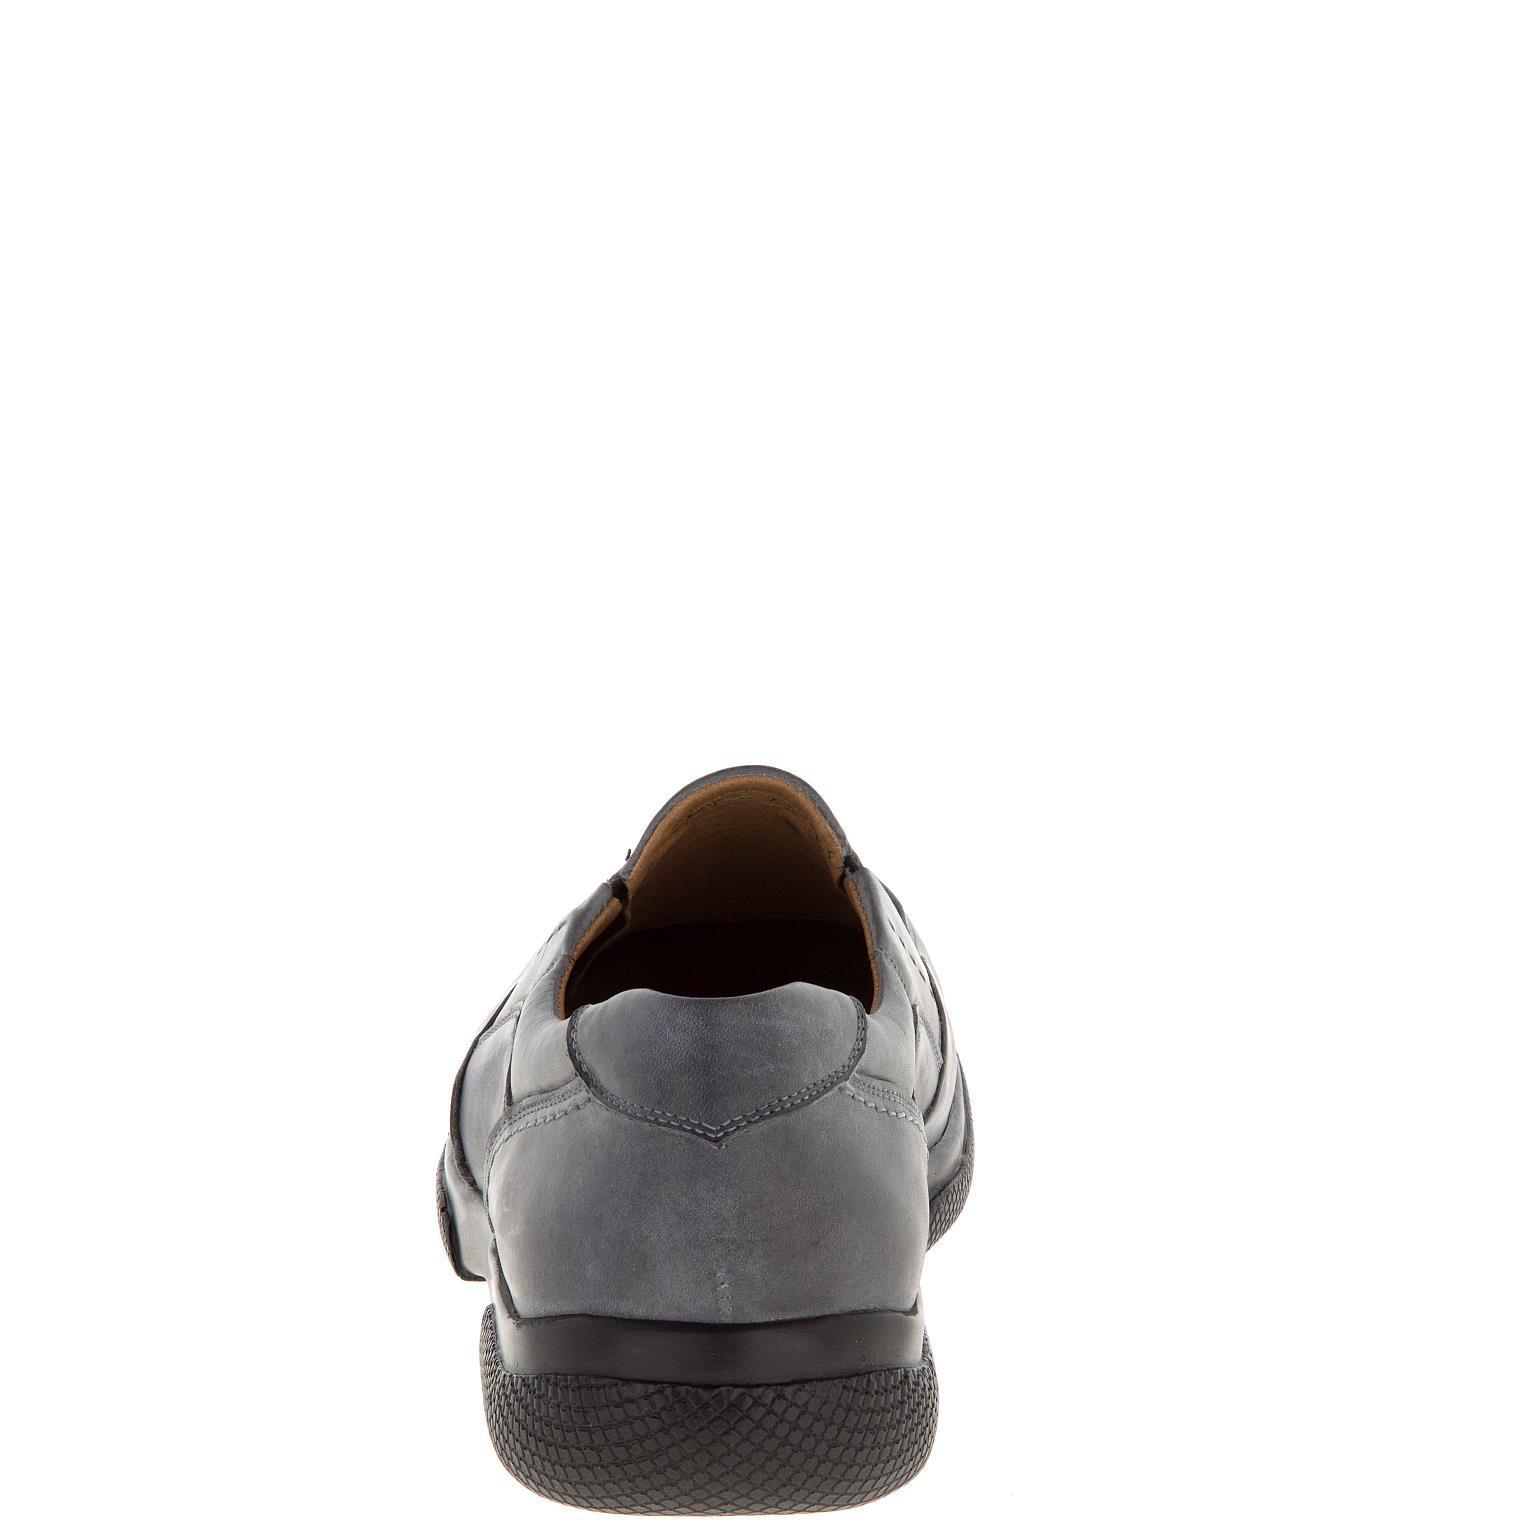 582367 полуботинки мужские серые больших размеров марки Делфино